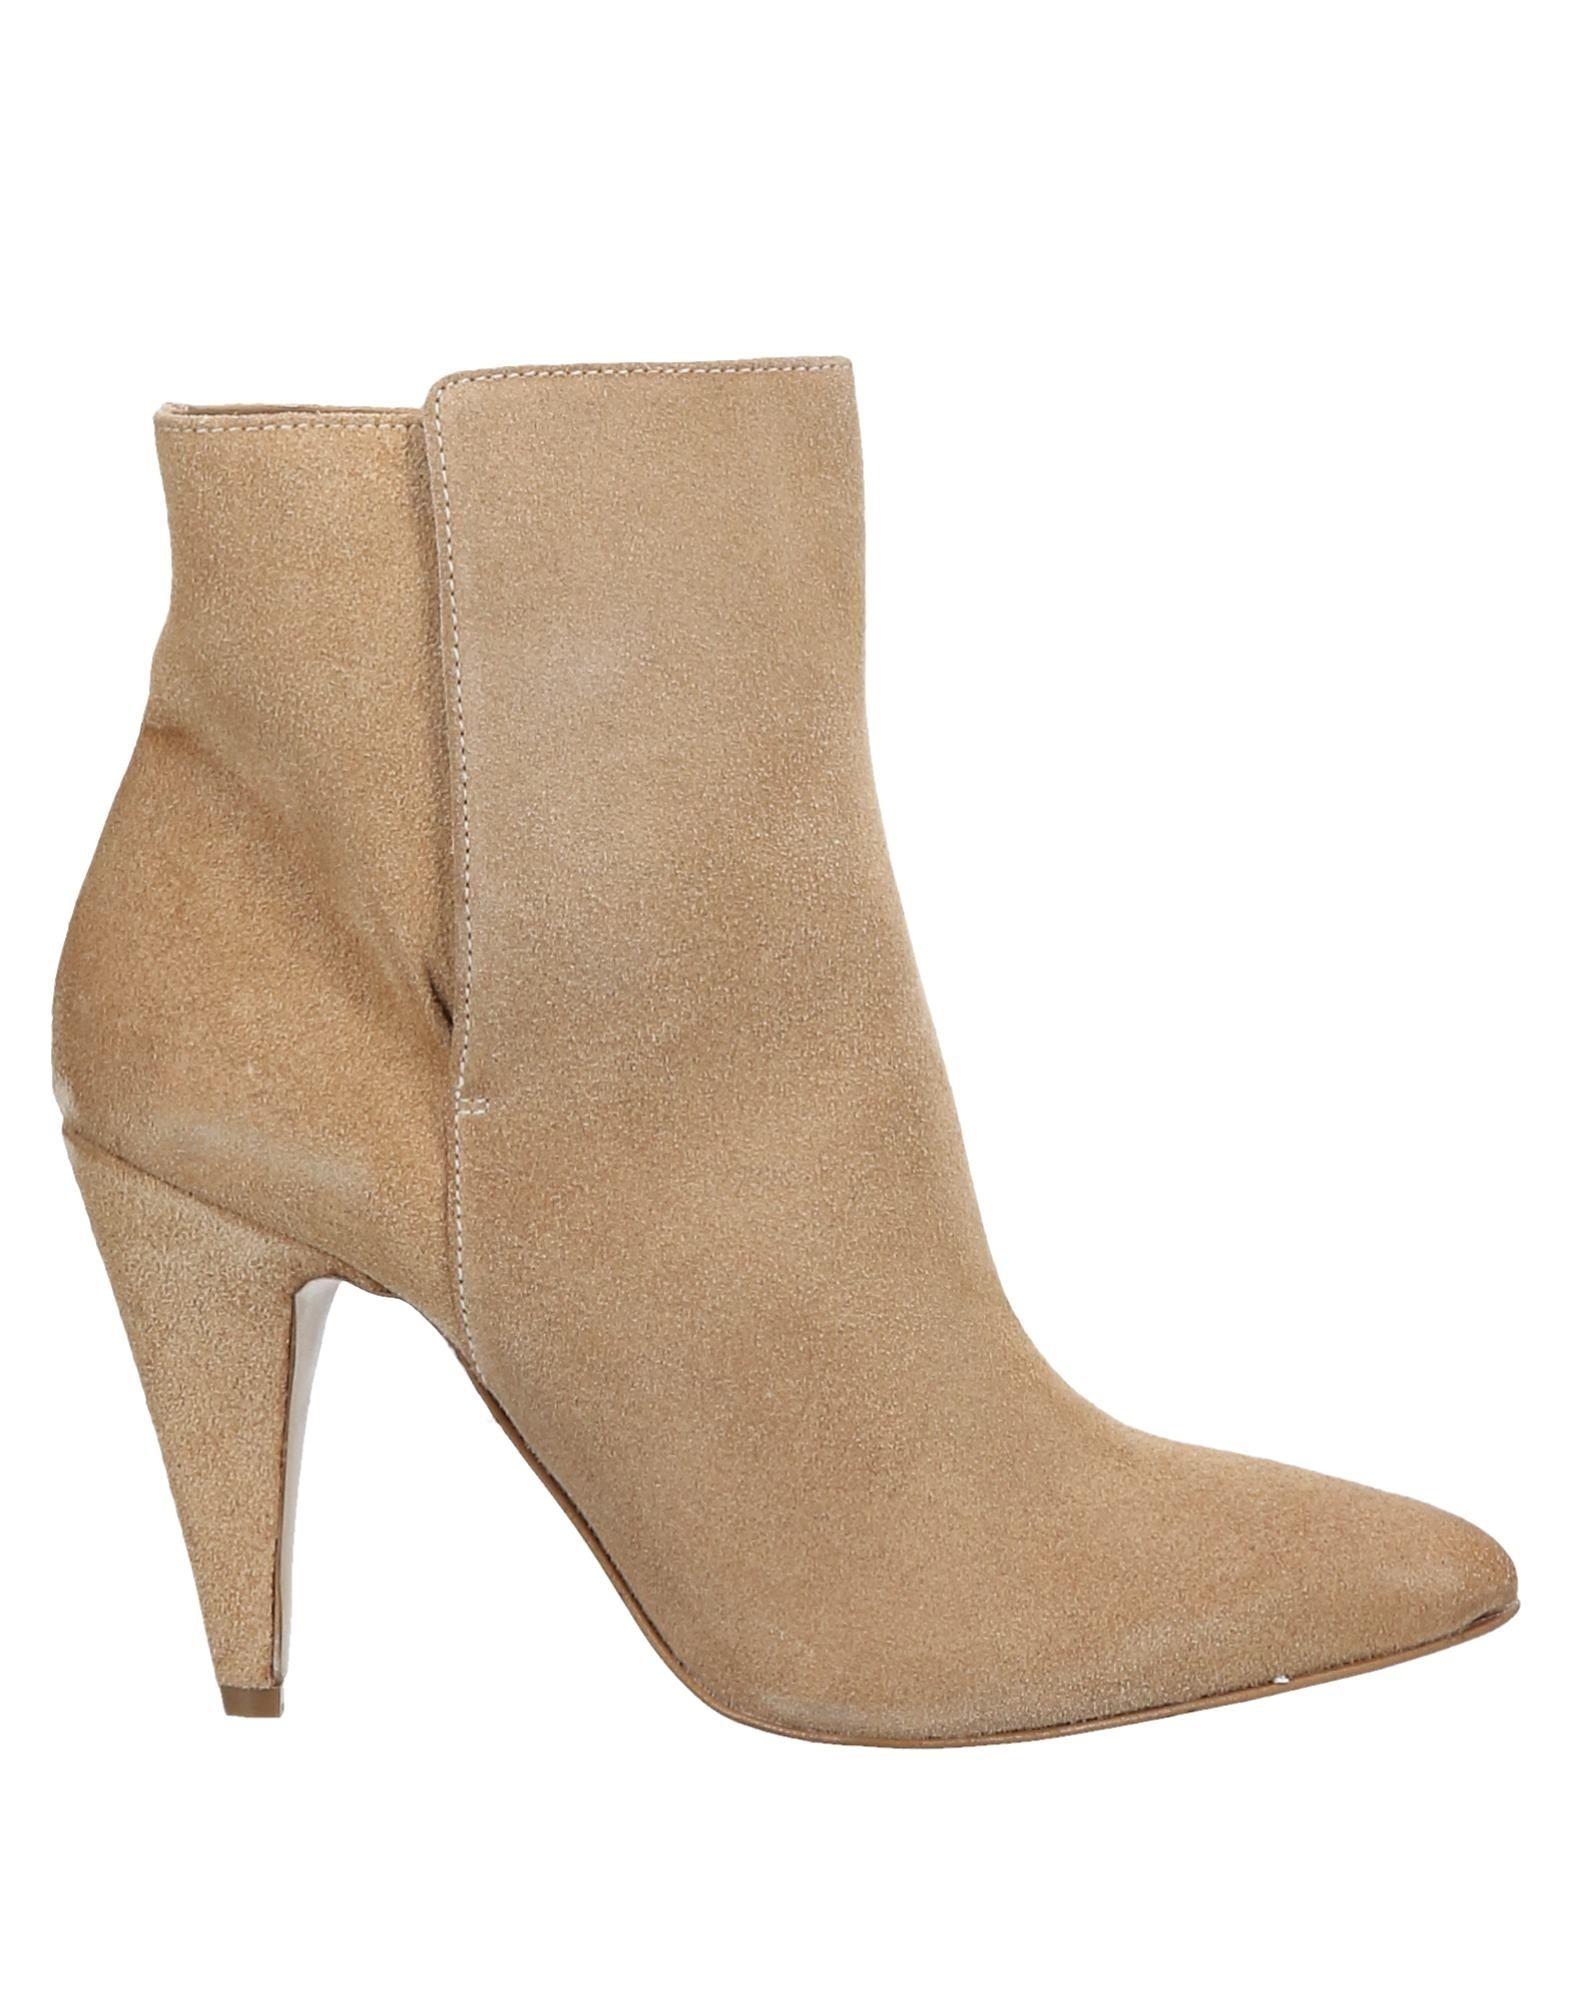 Annarita N. Ankle Boot - - - Women Annarita N. Ankle Boots online on  Australia - 11561634OX 78896c